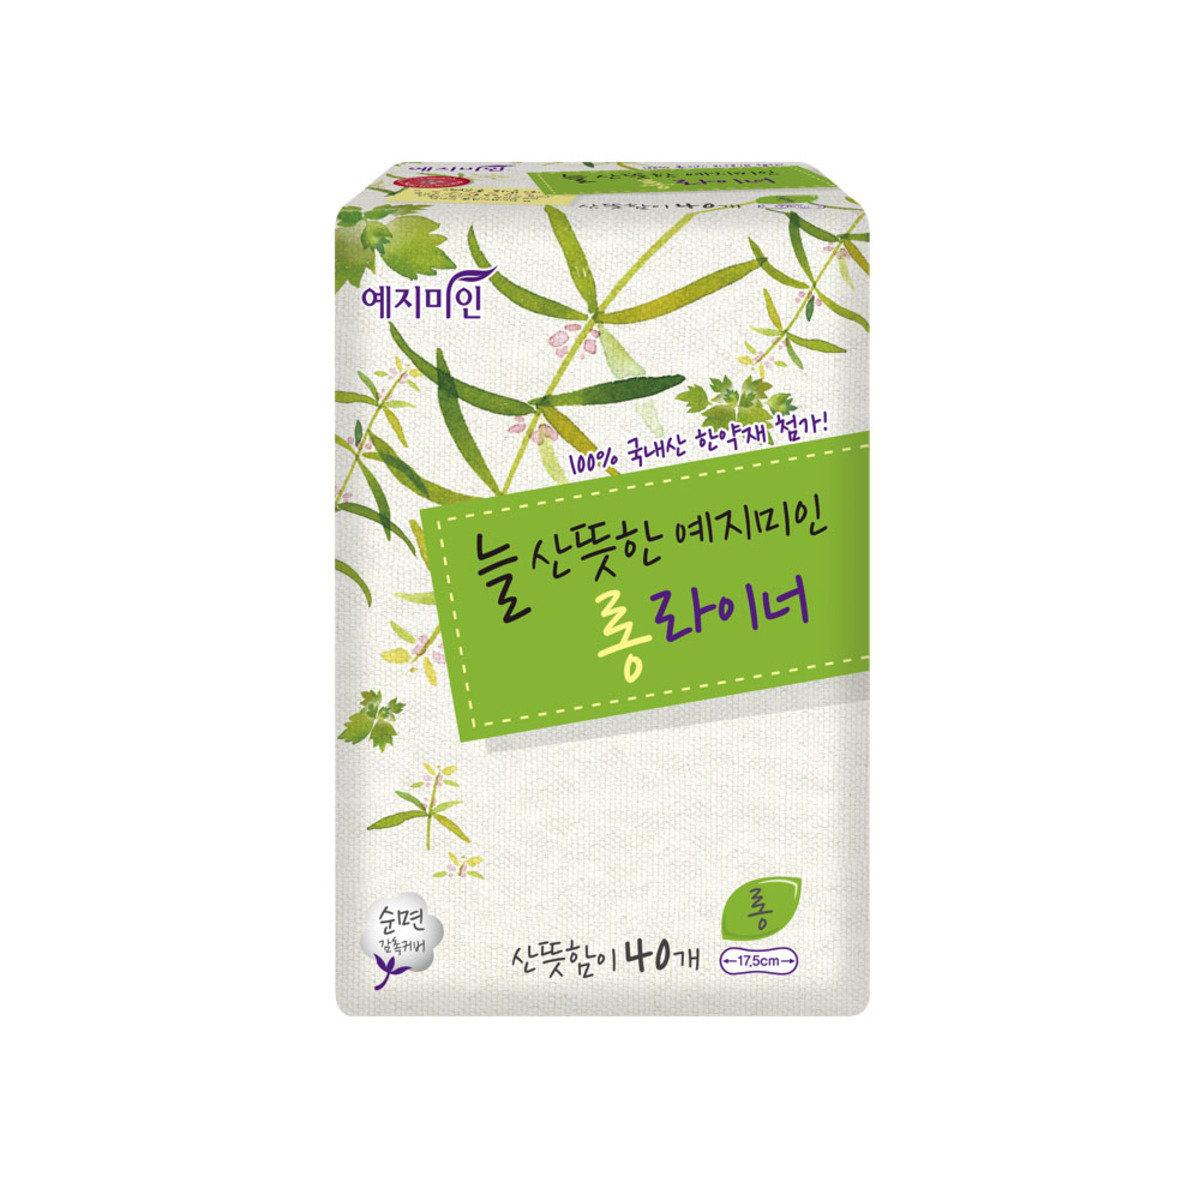 韓國漢方護墊 - 棉柔淡香 17.5CM 40片裝